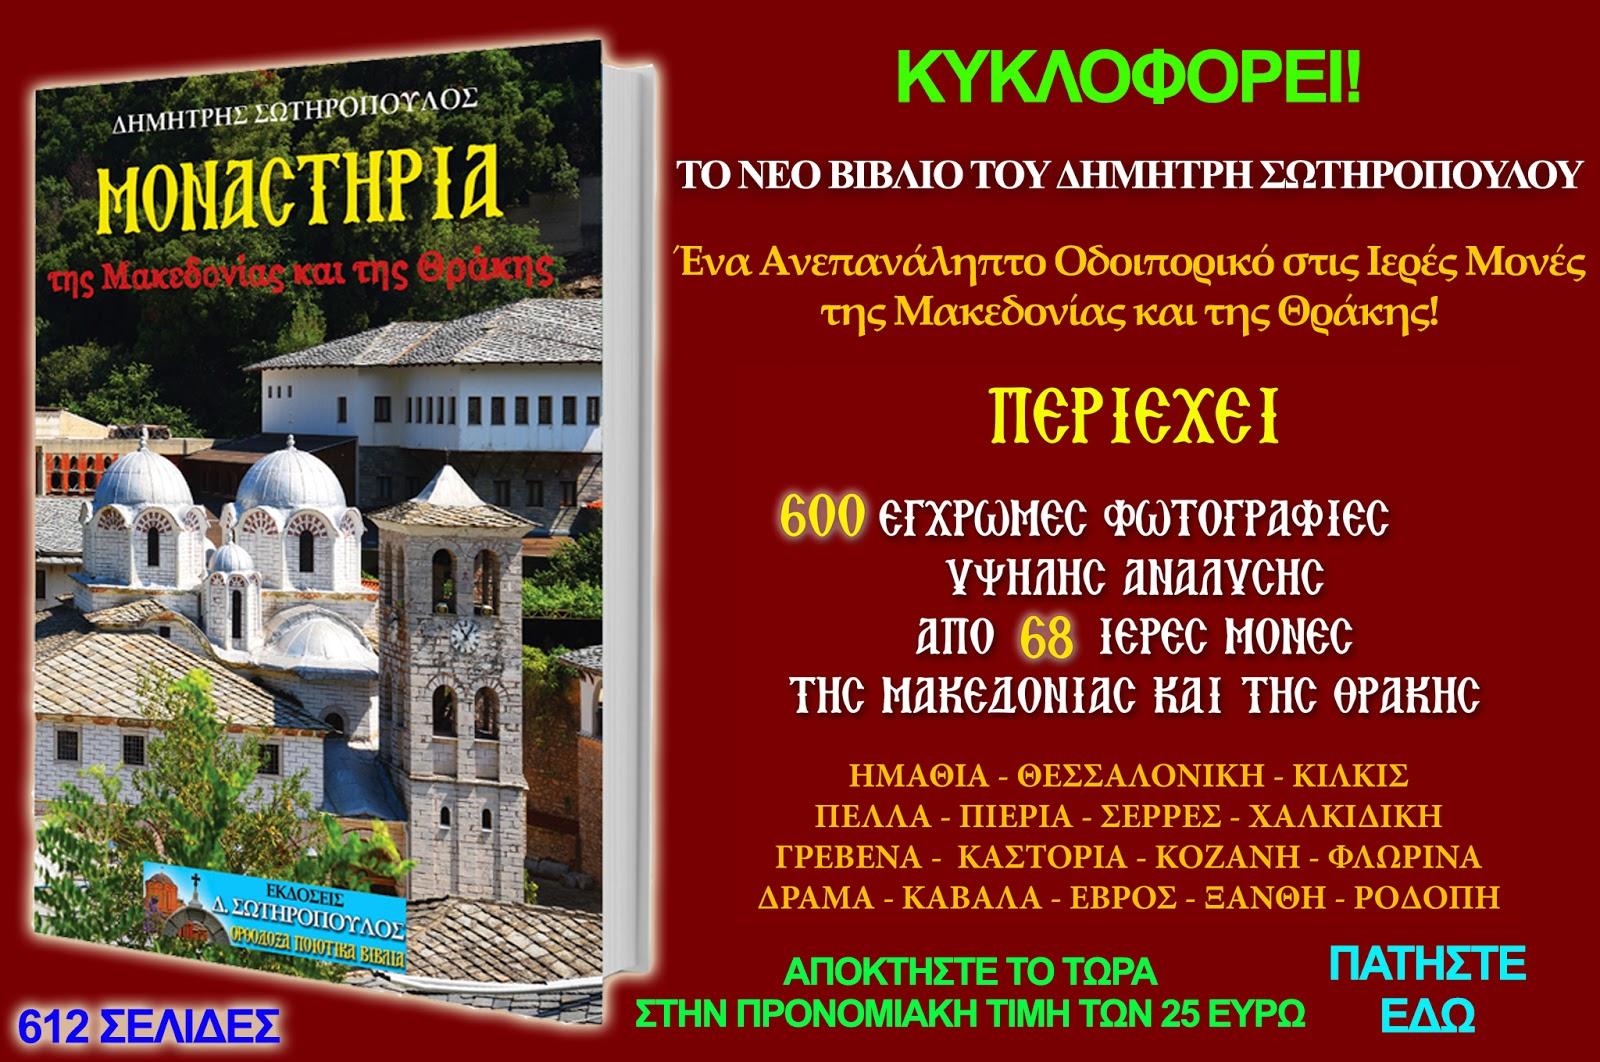 """Το νέο βιβλίο """"Μοναστήρια της Μακεδονίας και της Θράκης"""" κυκλοφορεί από τις ΕΚΔΟΣΕΙΣ Δ. ΣΩΤΗΡΟΠΟΥΛΟΣ και οι ενδιαφερόμενοι μπορούν να το αποκτήσουν στην προνομιακή τιμή των 25 Ευρώ (τελική τιμή μαζί με τα μεταφορικά) με αντικαταβολή στο σπίτι τους. Τηλέφωνα παραγγελιών - πληροφοριών: 210-4111770 και 6978-619094 Εmail:  dimsotiropoulos79@gmail.com Ιστοσελίδα: www.dimitrisotiropoulosbooks.com"""